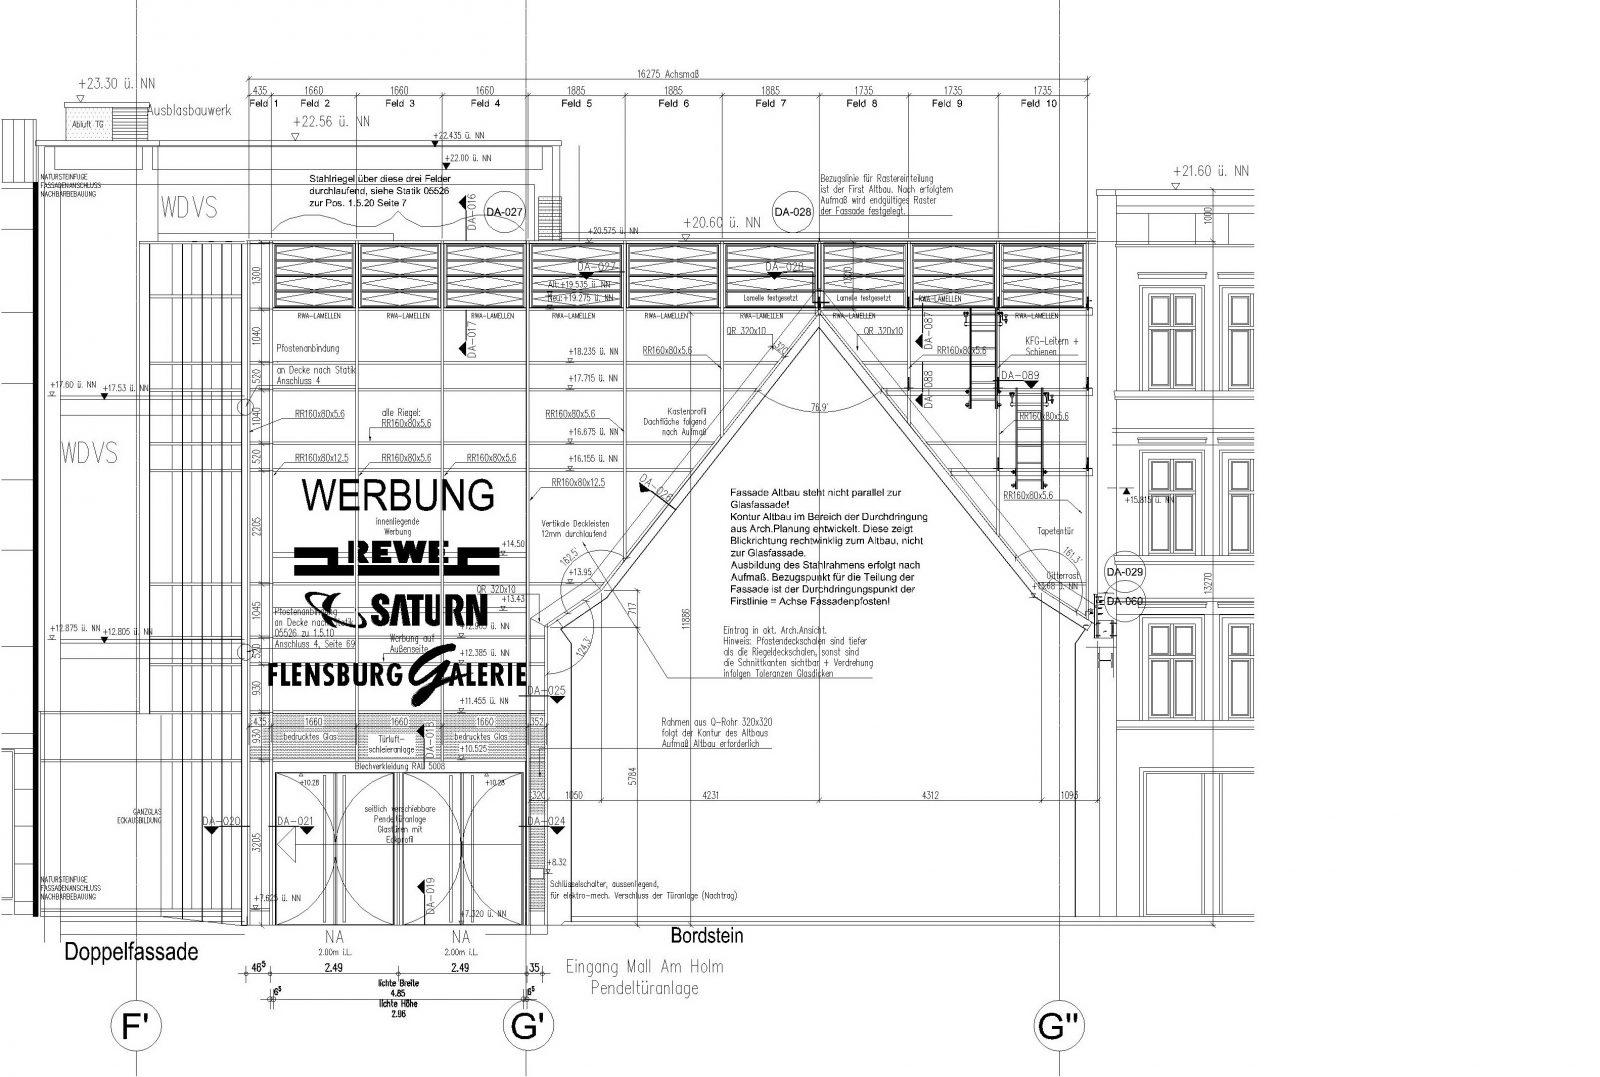 ekz am holm flensburg risse. Black Bedroom Furniture Sets. Home Design Ideas